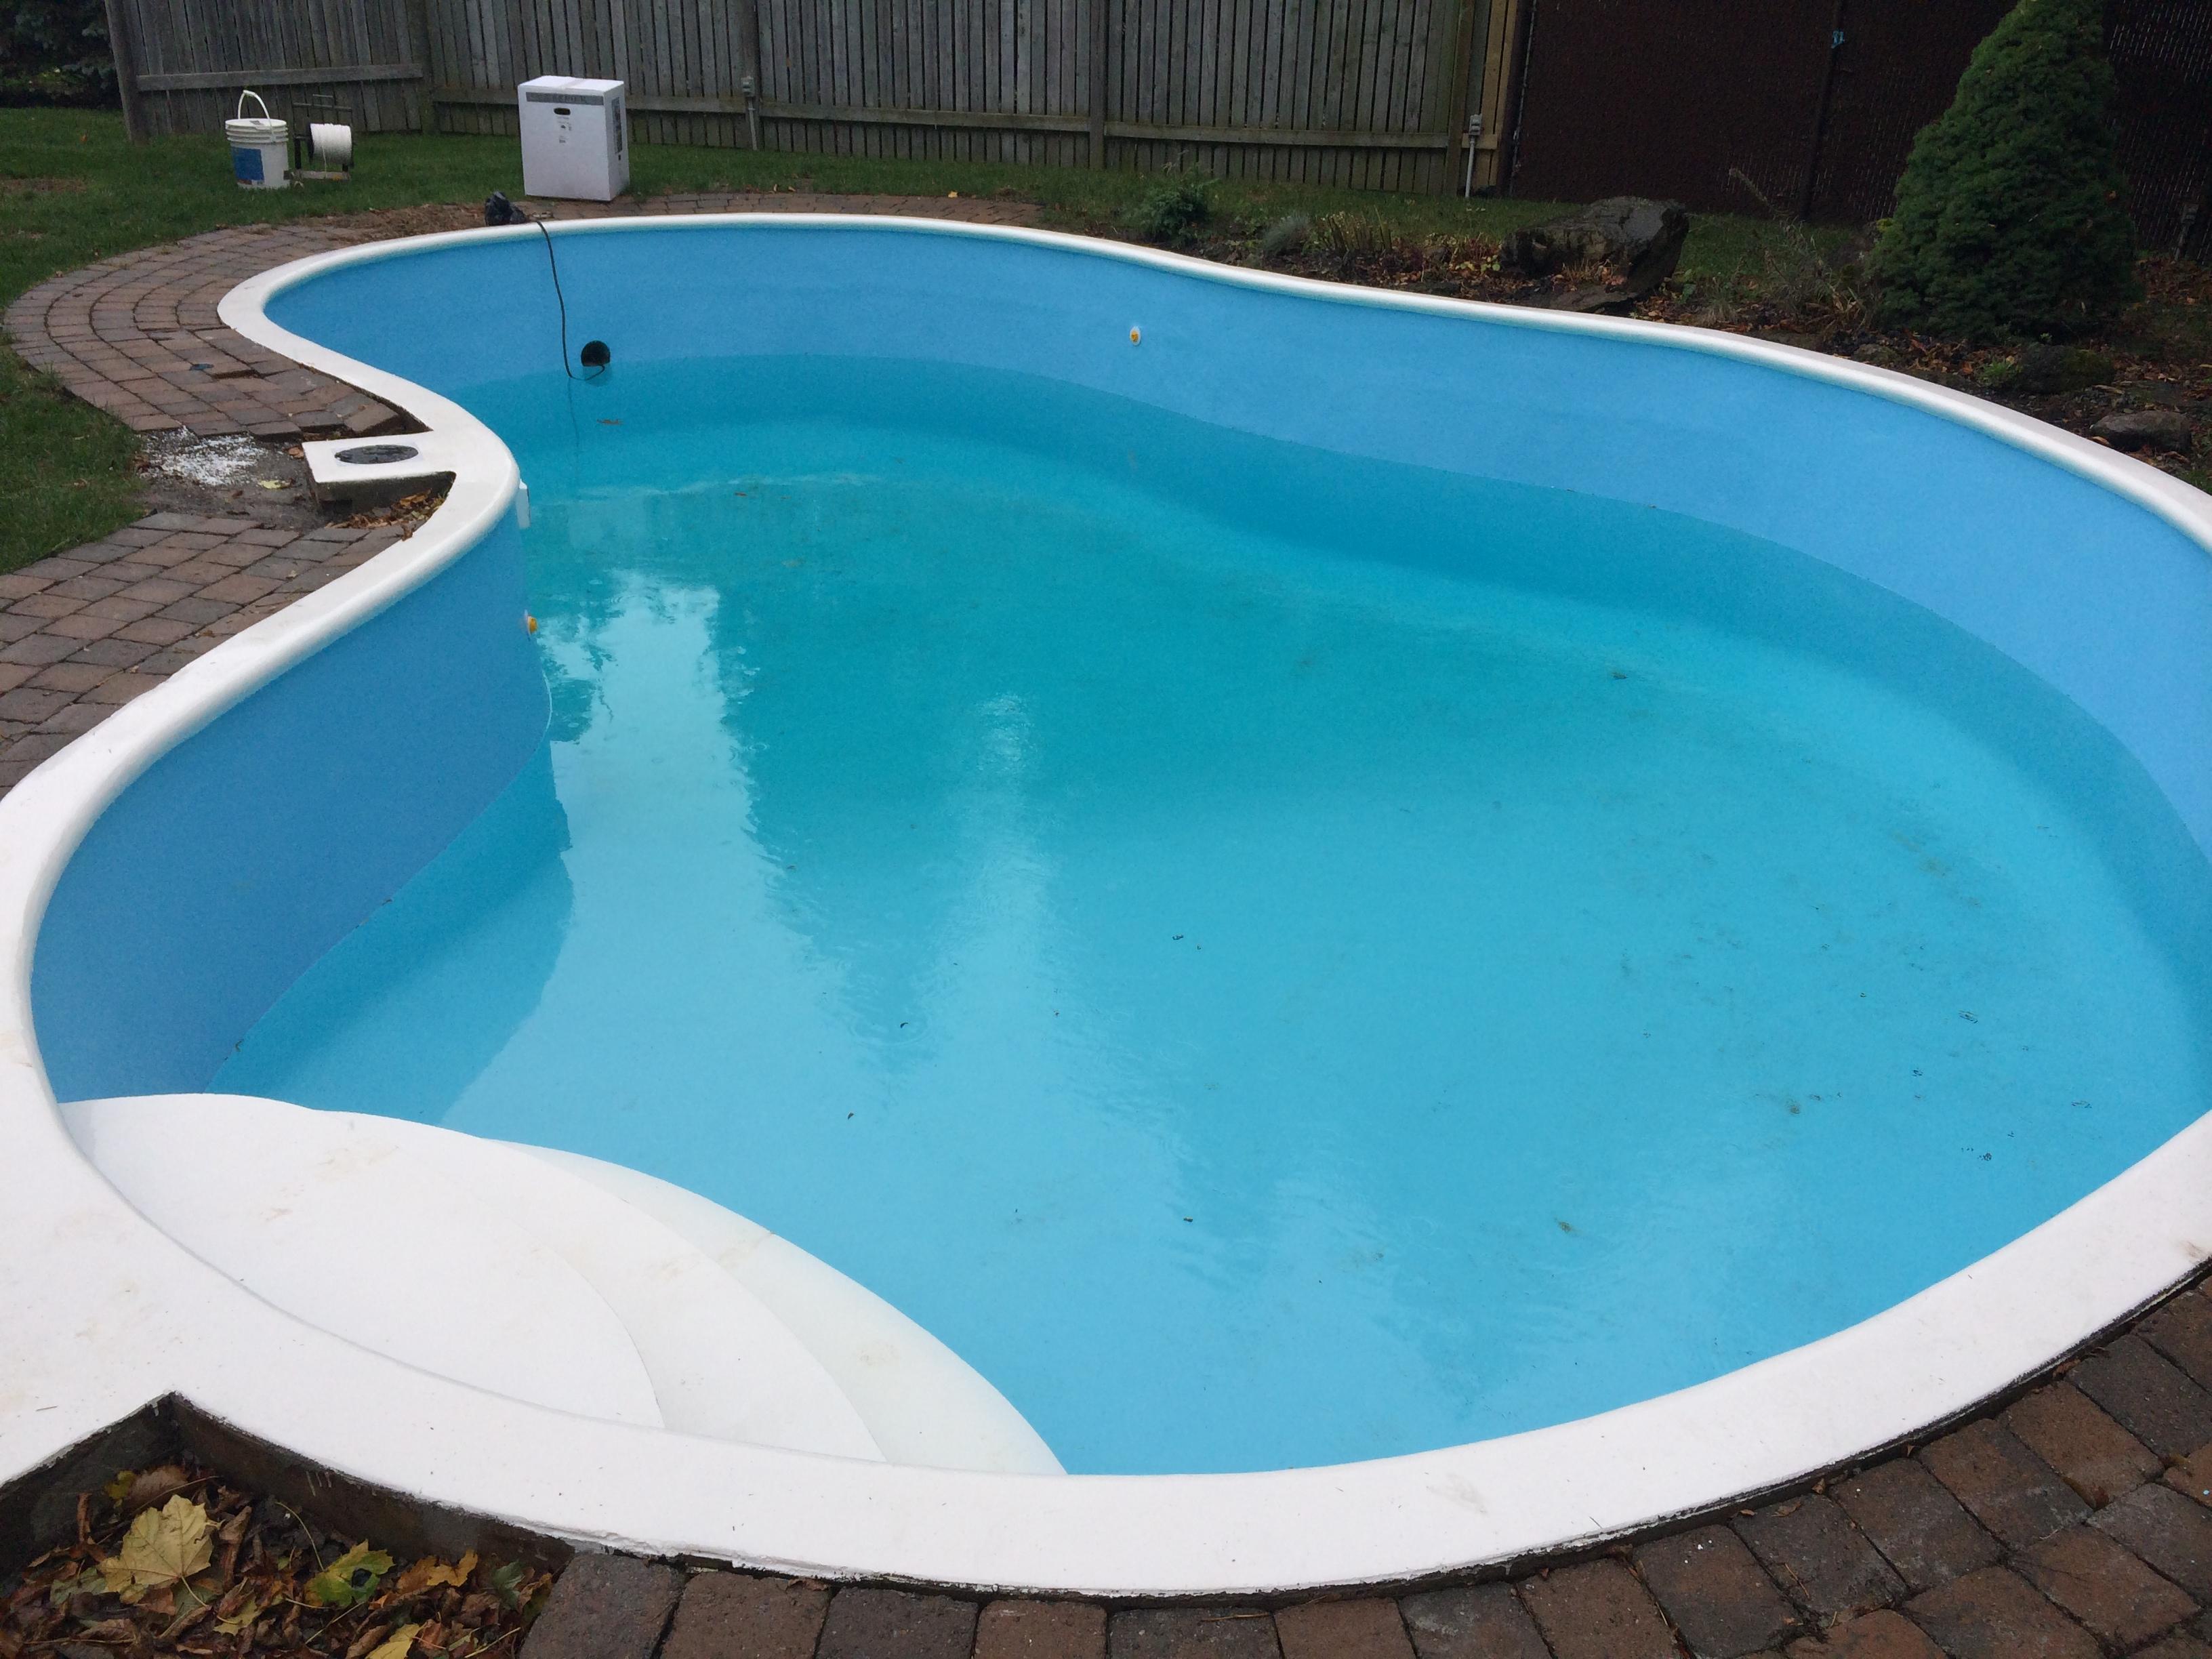 R paration de piscine poseidon montr al rive sud longueuil for Club piscine rive sud montreal